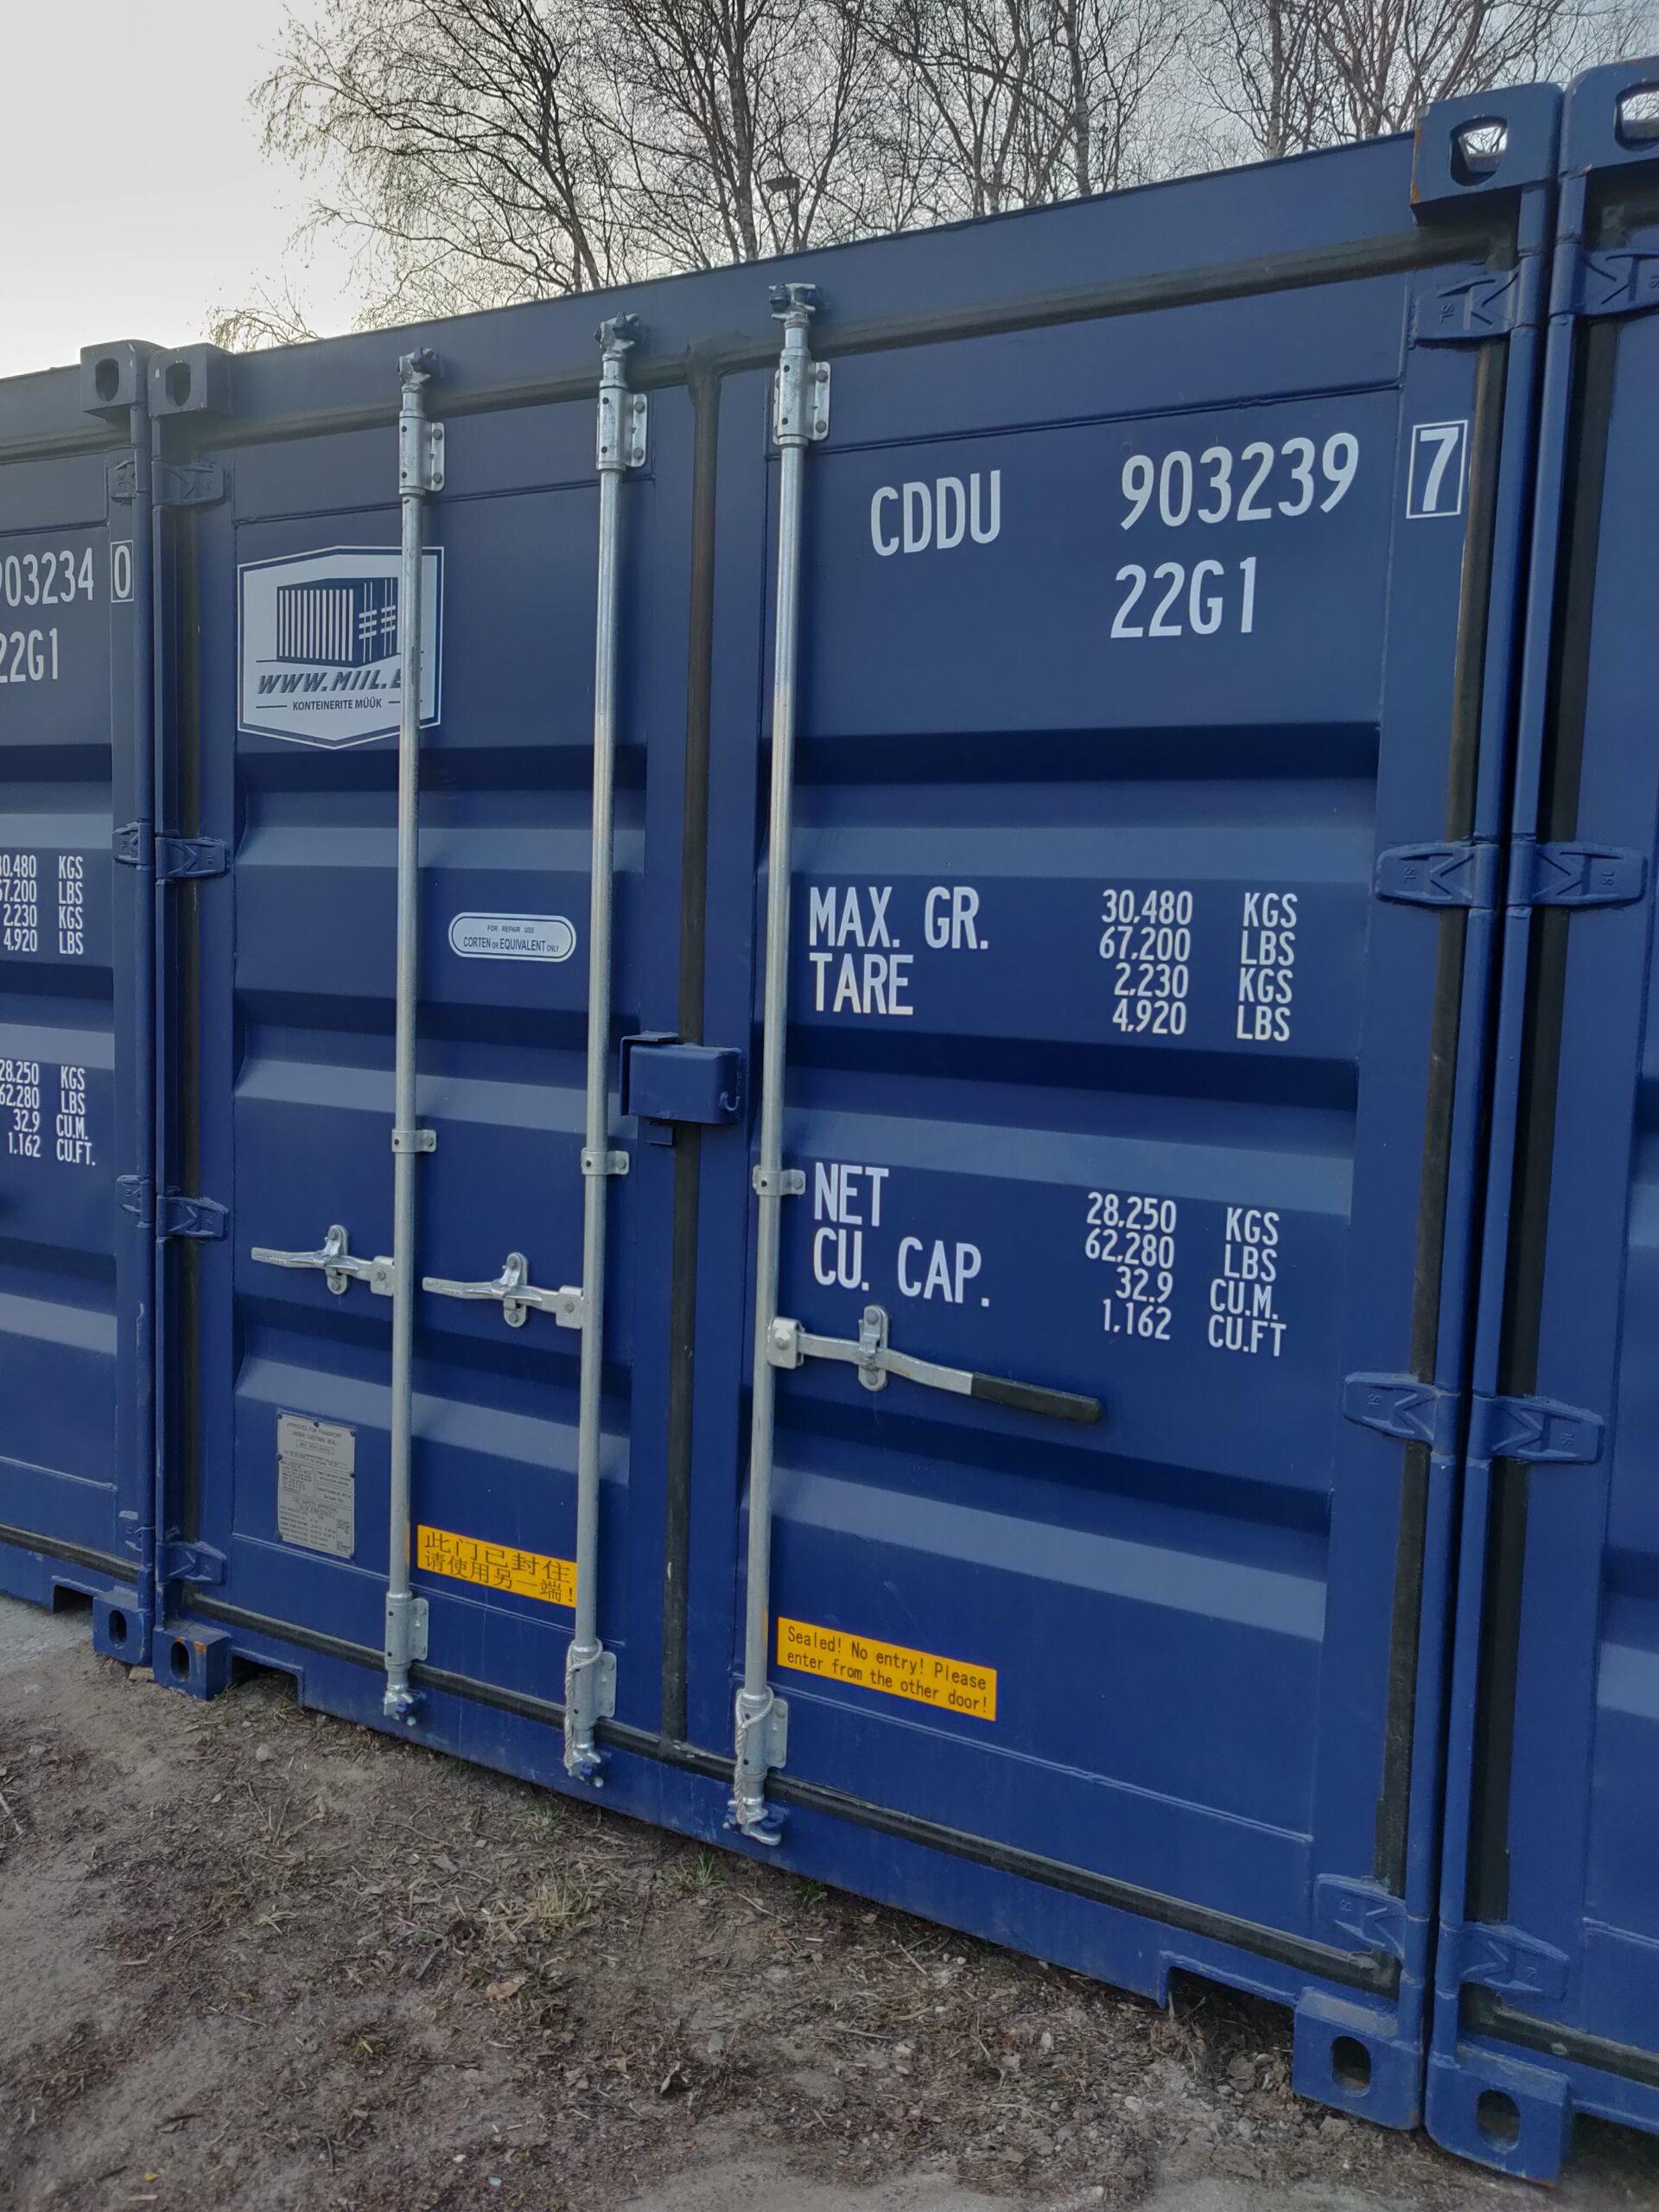 Uus konteinerladu NR 24 – CDDU9032397